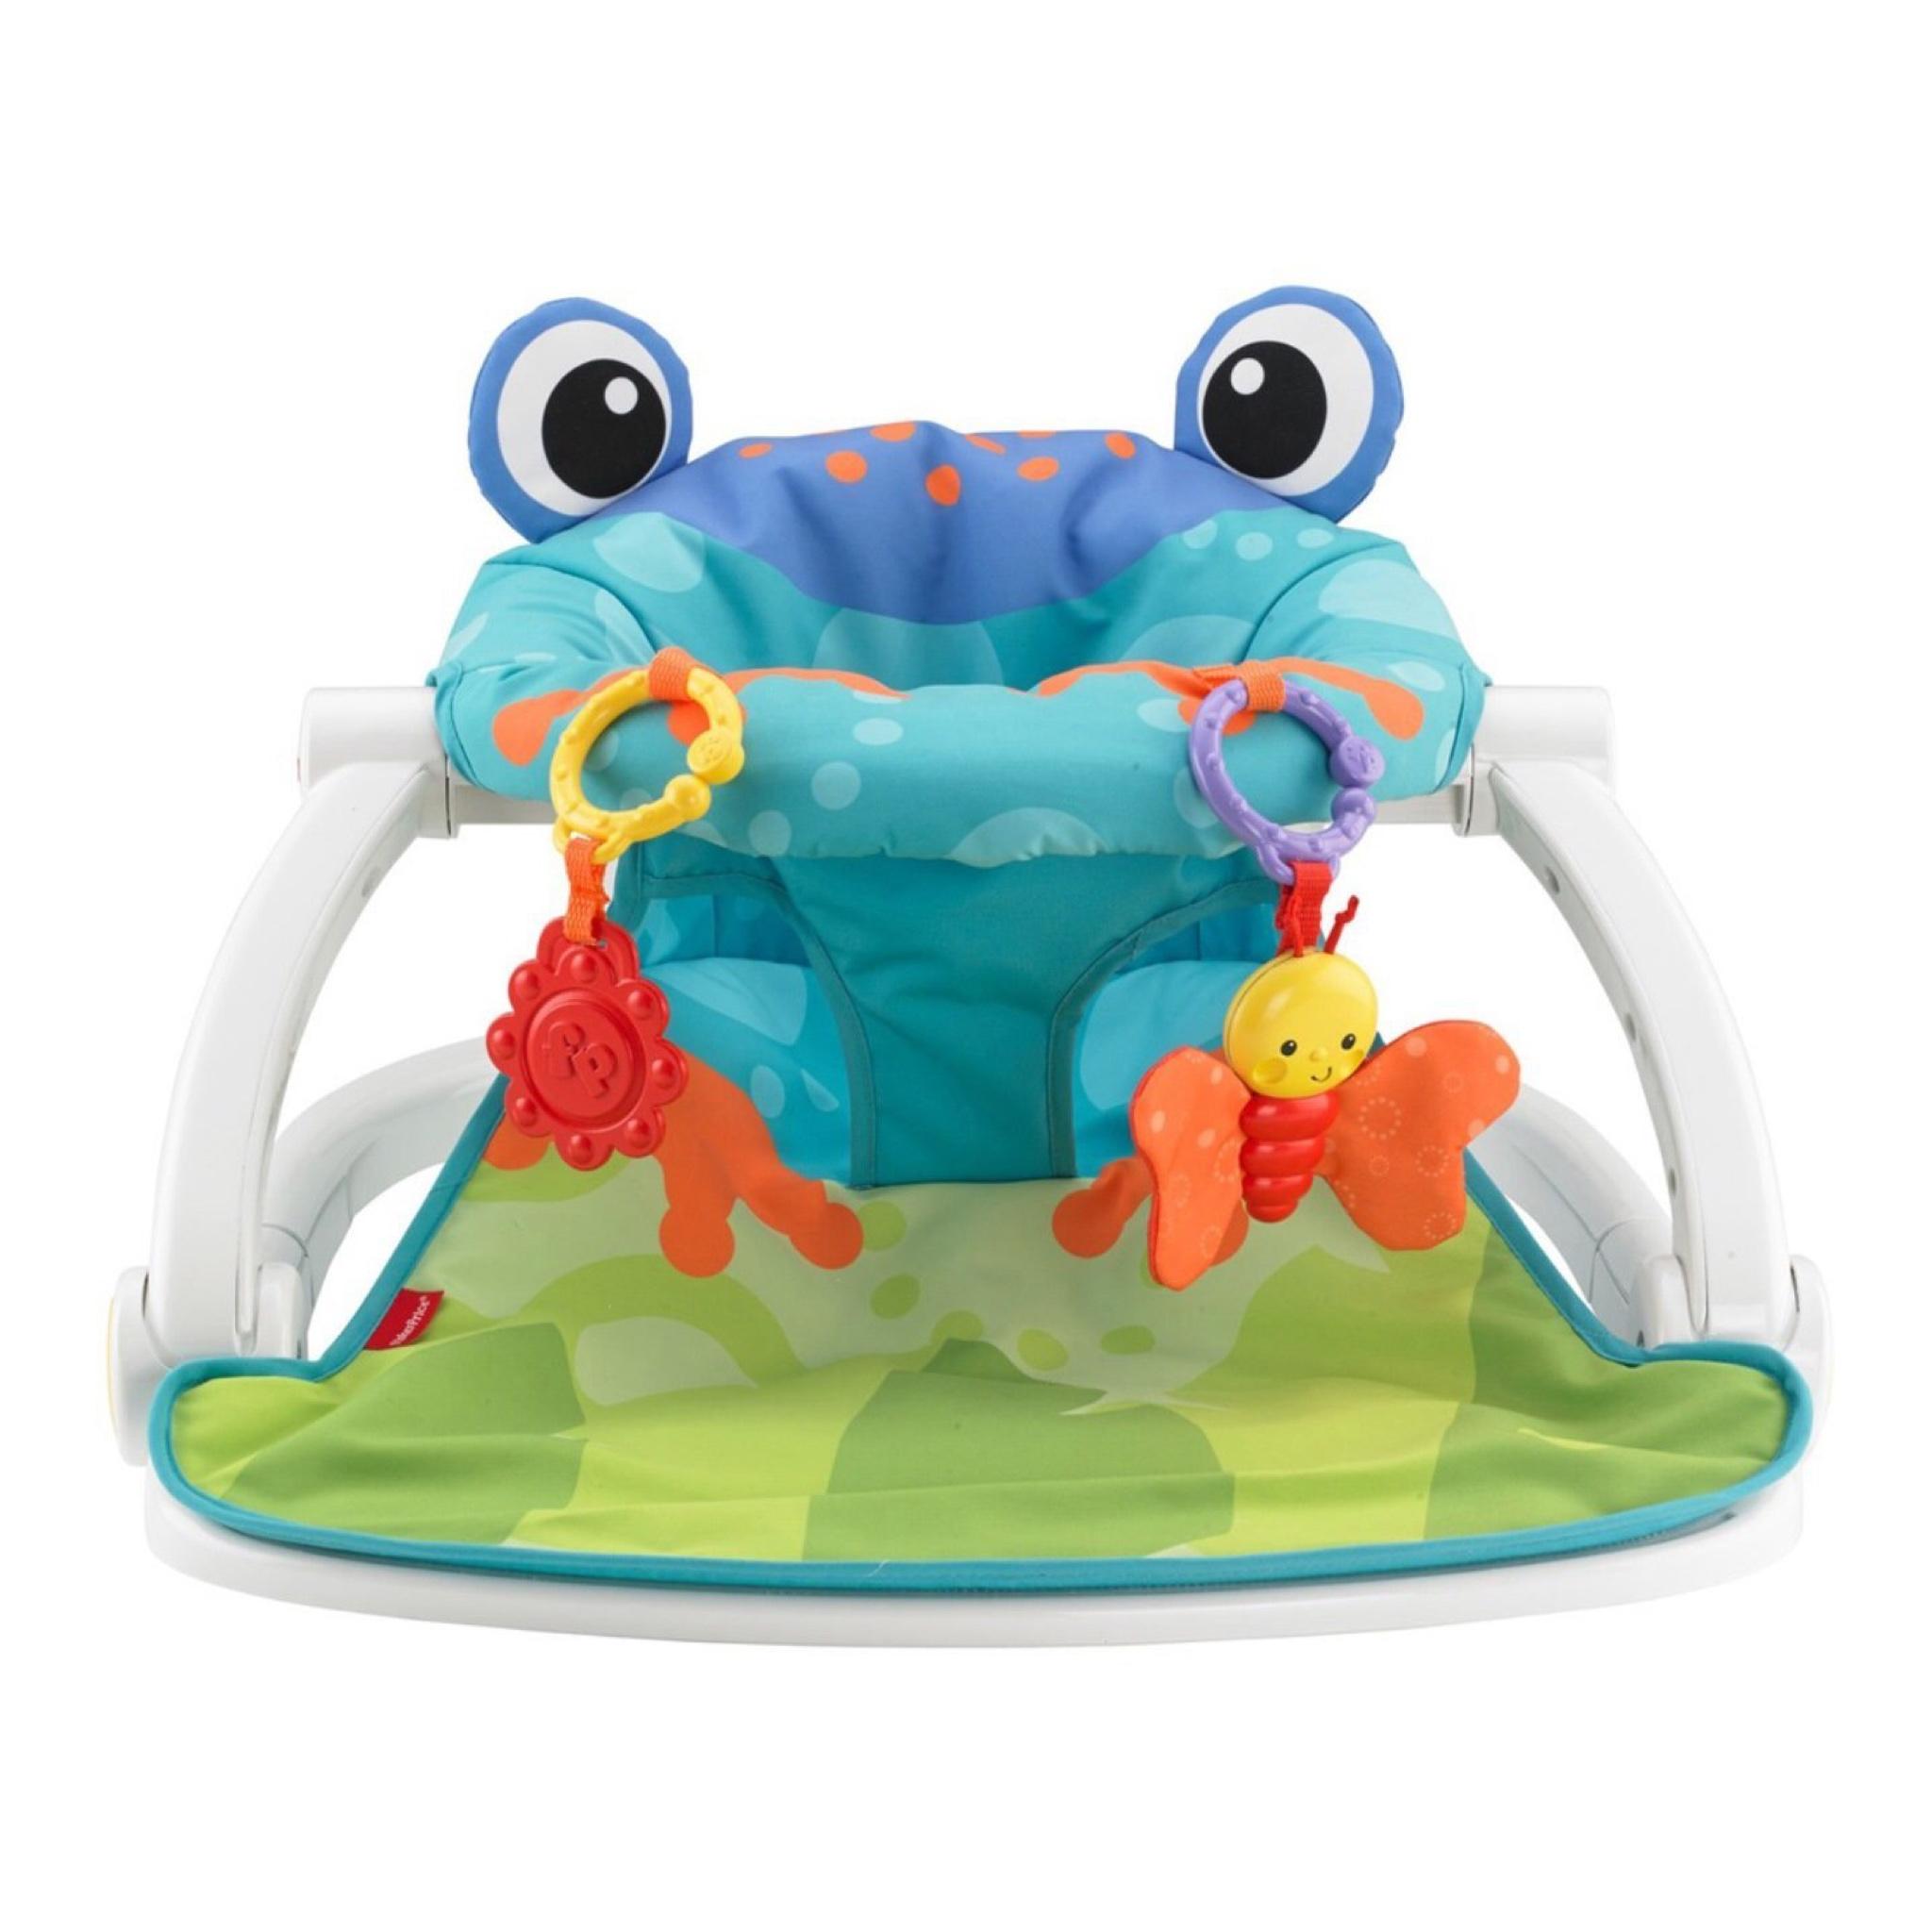 เก้าอี้แสนสนุกเสริมพัฒนาการ Fisher-Price Sit-Me-Up Floor Seat (Froggy Edition)